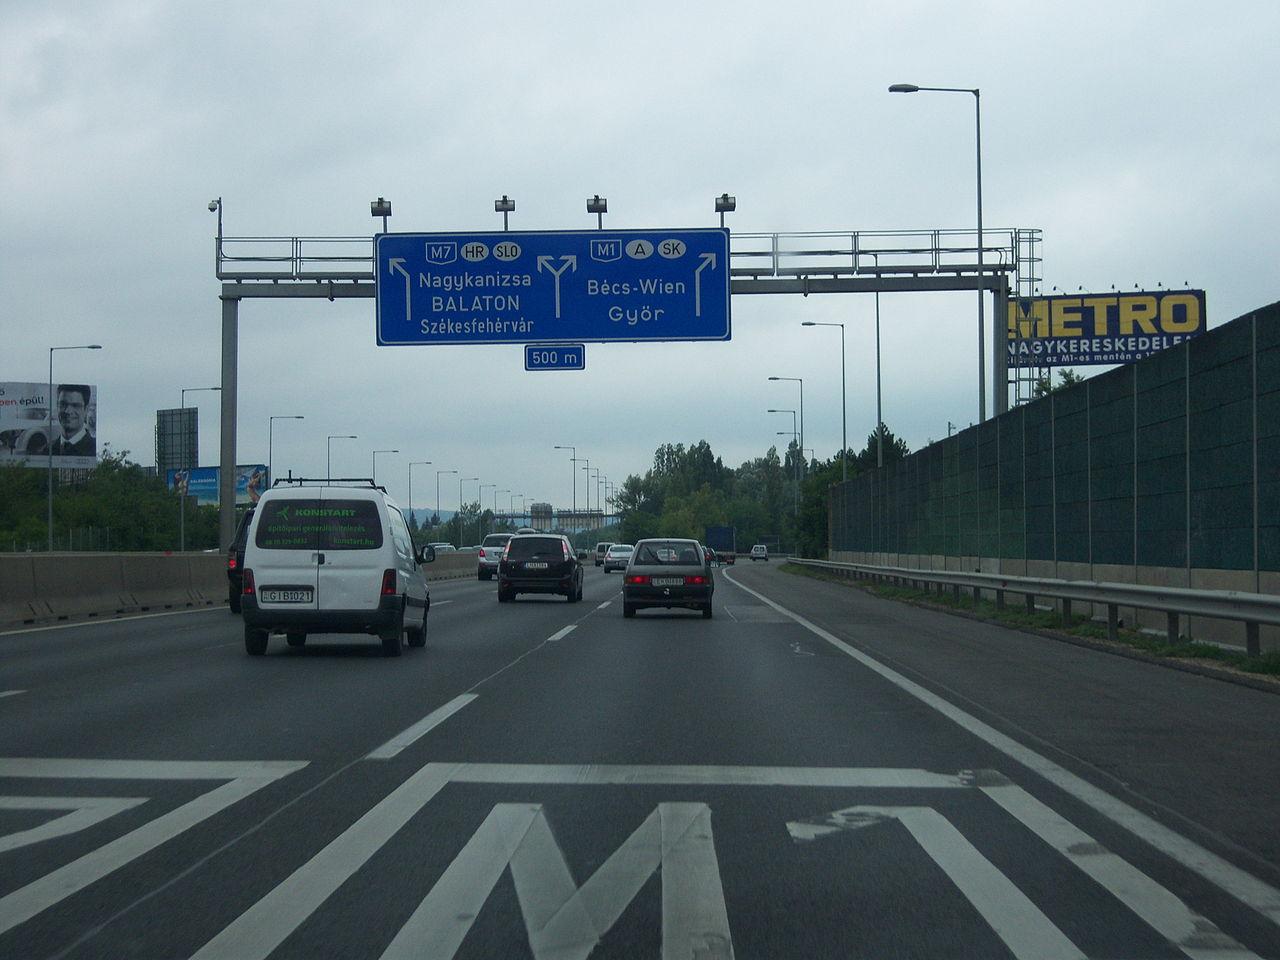 M1-es külsősáv – Egy autópályán EZ NEM FÉR BELE!